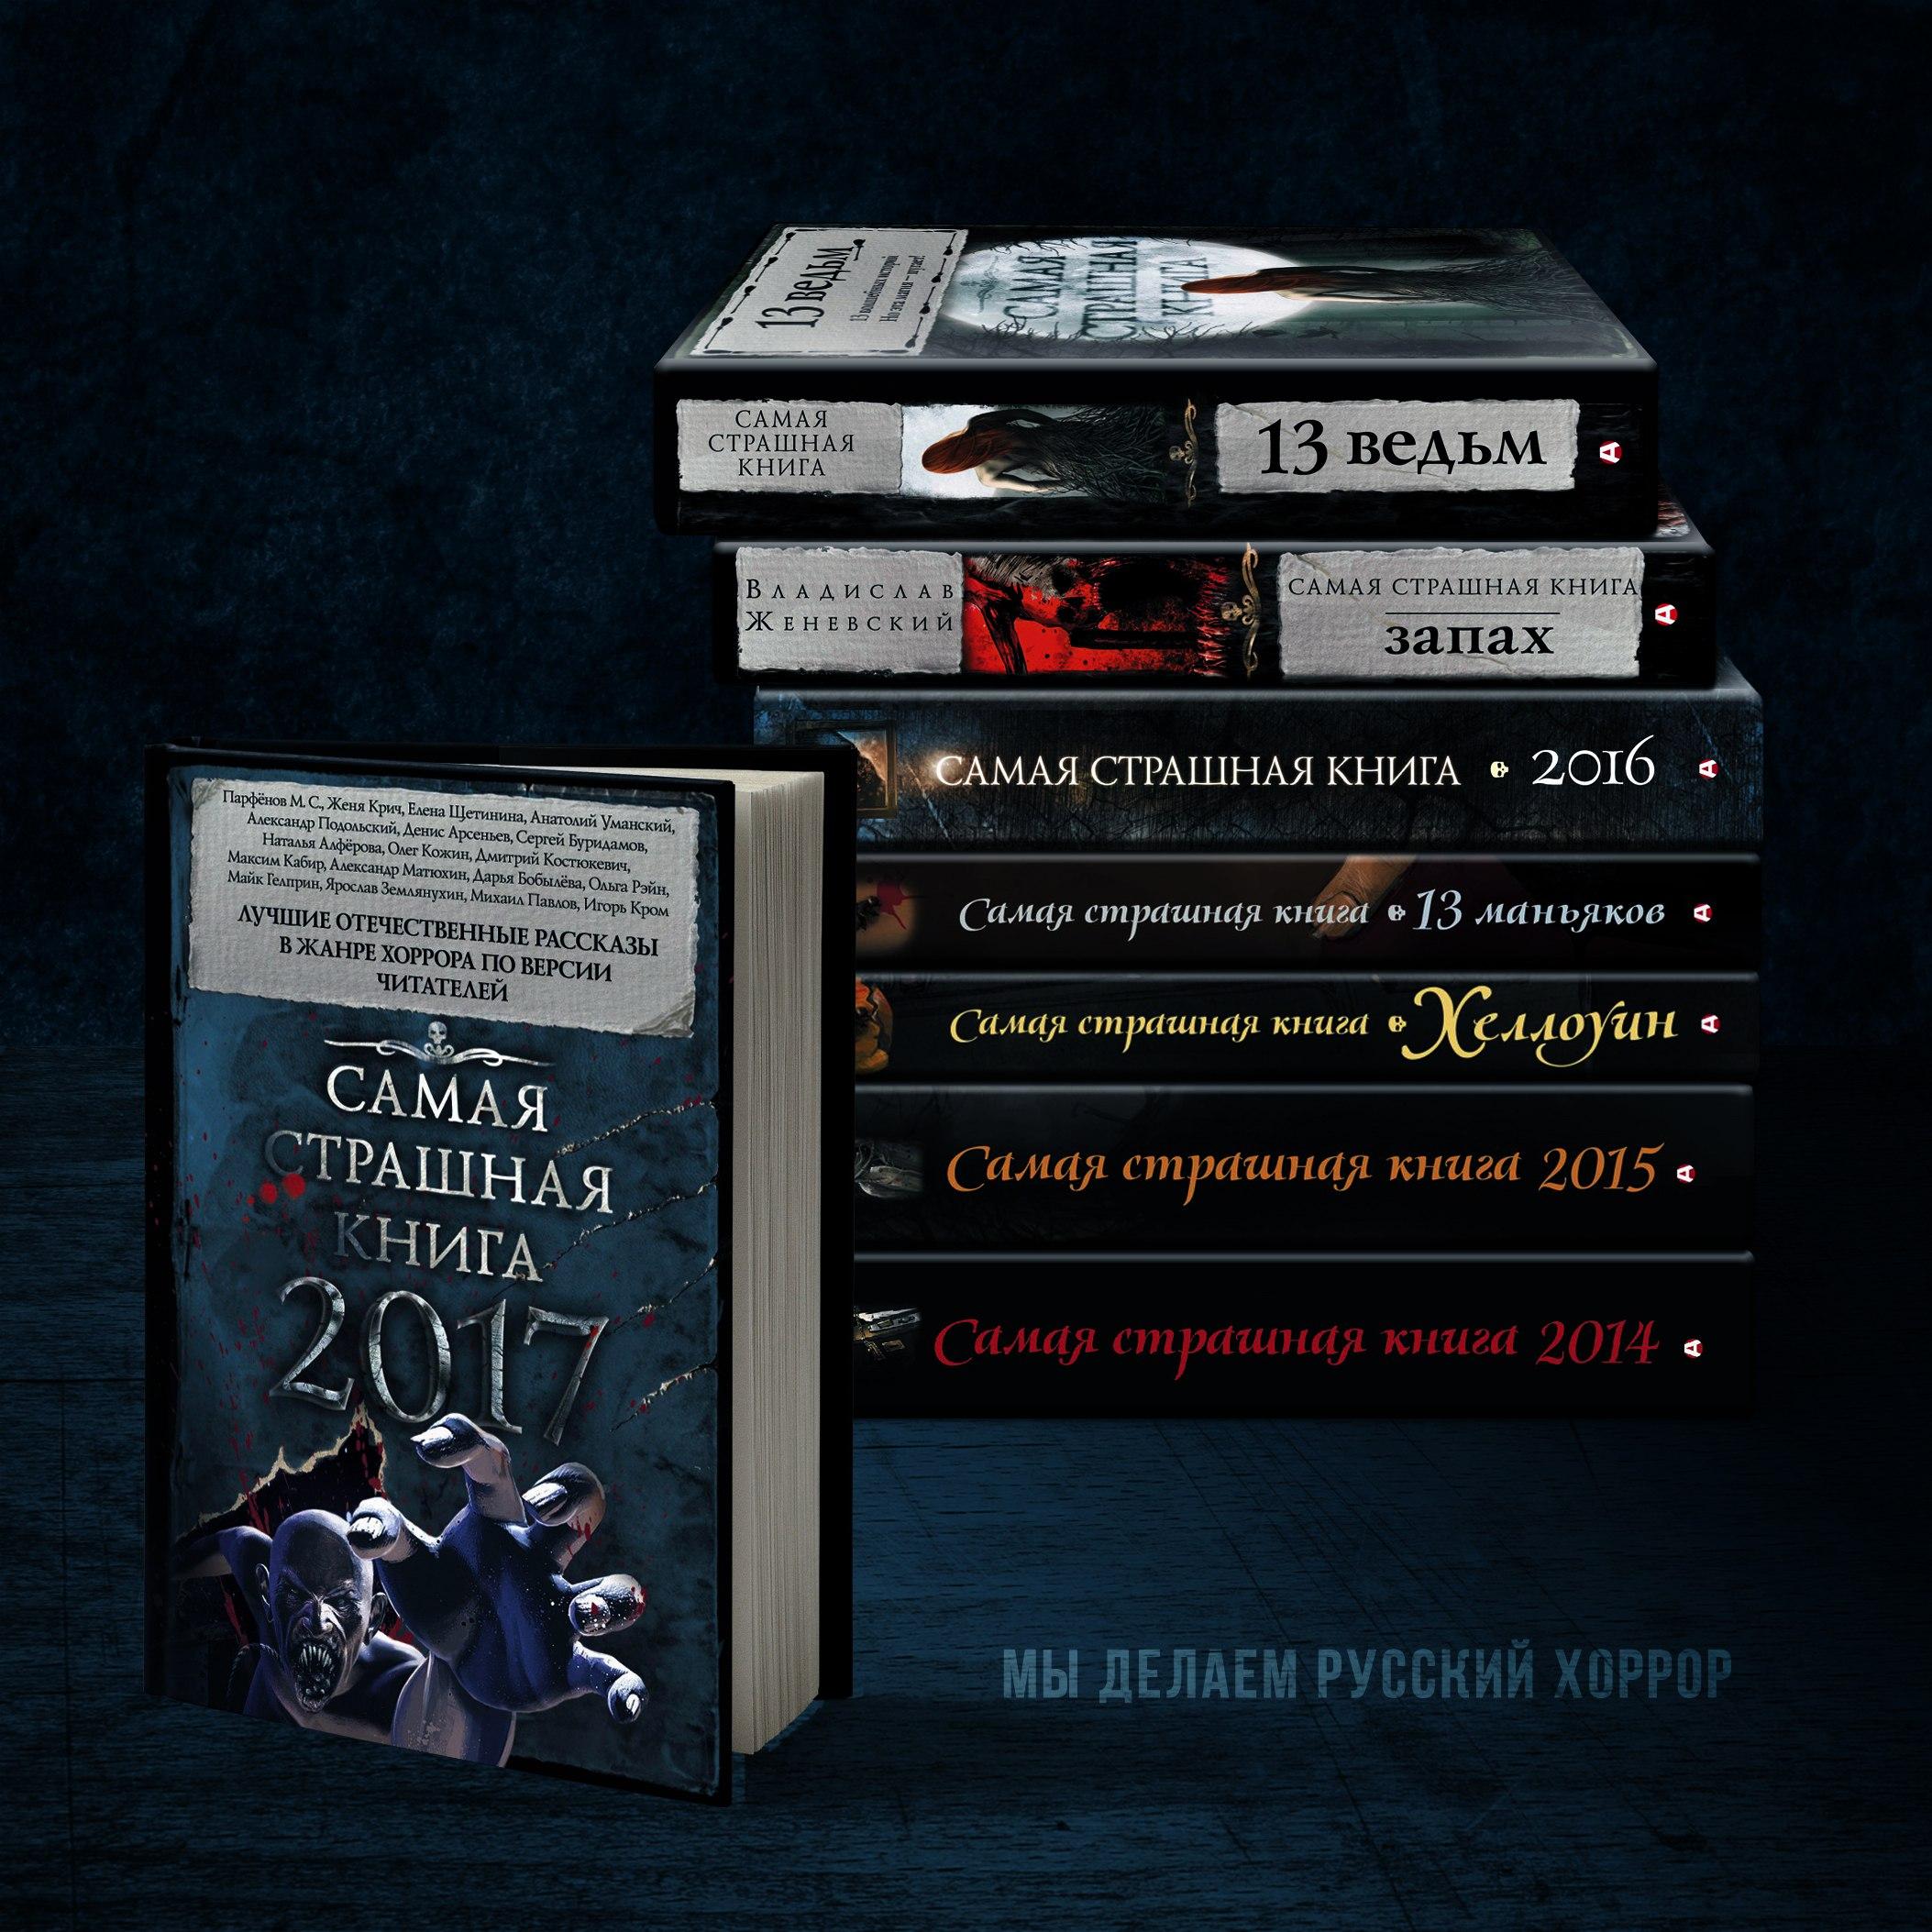 Начинаем отбор в антологию САМАЯ СТРАШНАЯ КНИГА 2019